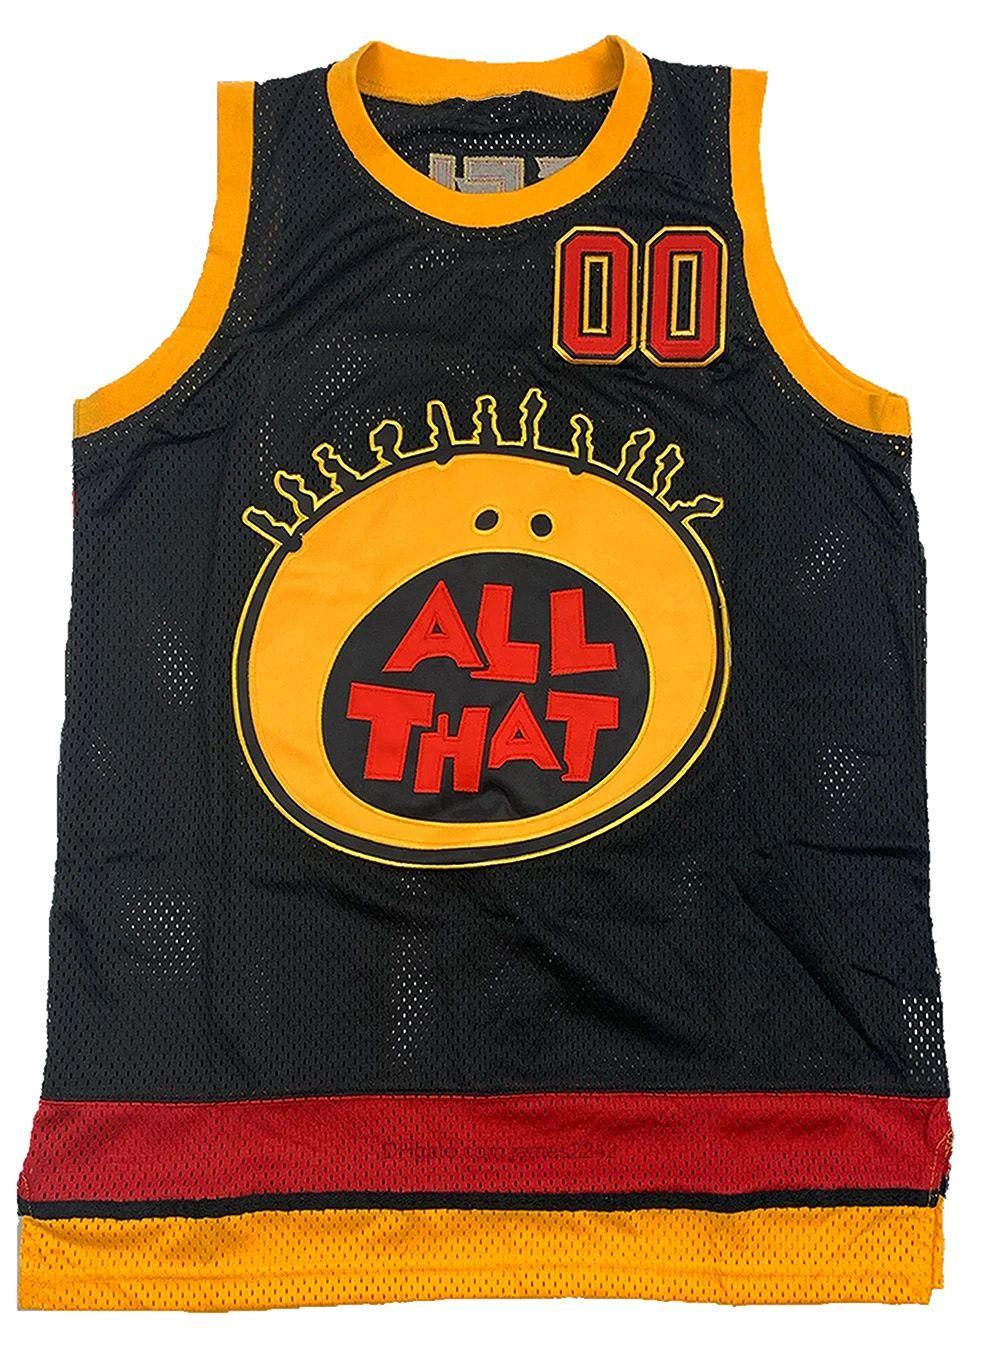 Top Qualité Tout ce Kel Mitchell # 00 Jersey Basketball Men's 100% cousu noir taille S-3XL maillots